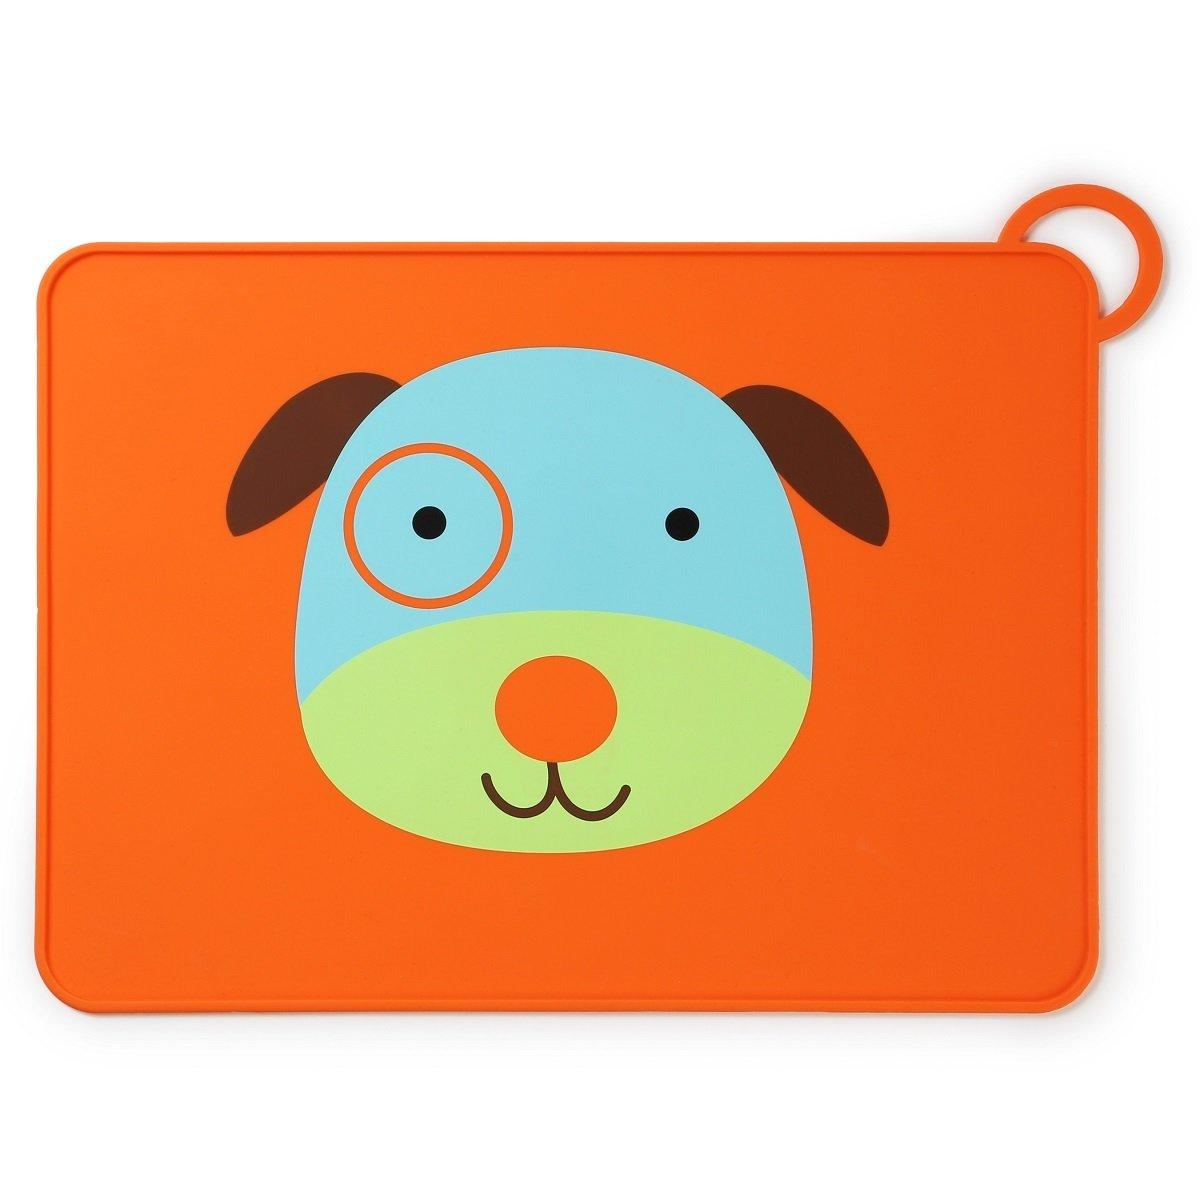 可愛動物園矽膠餐墊 - 小狗